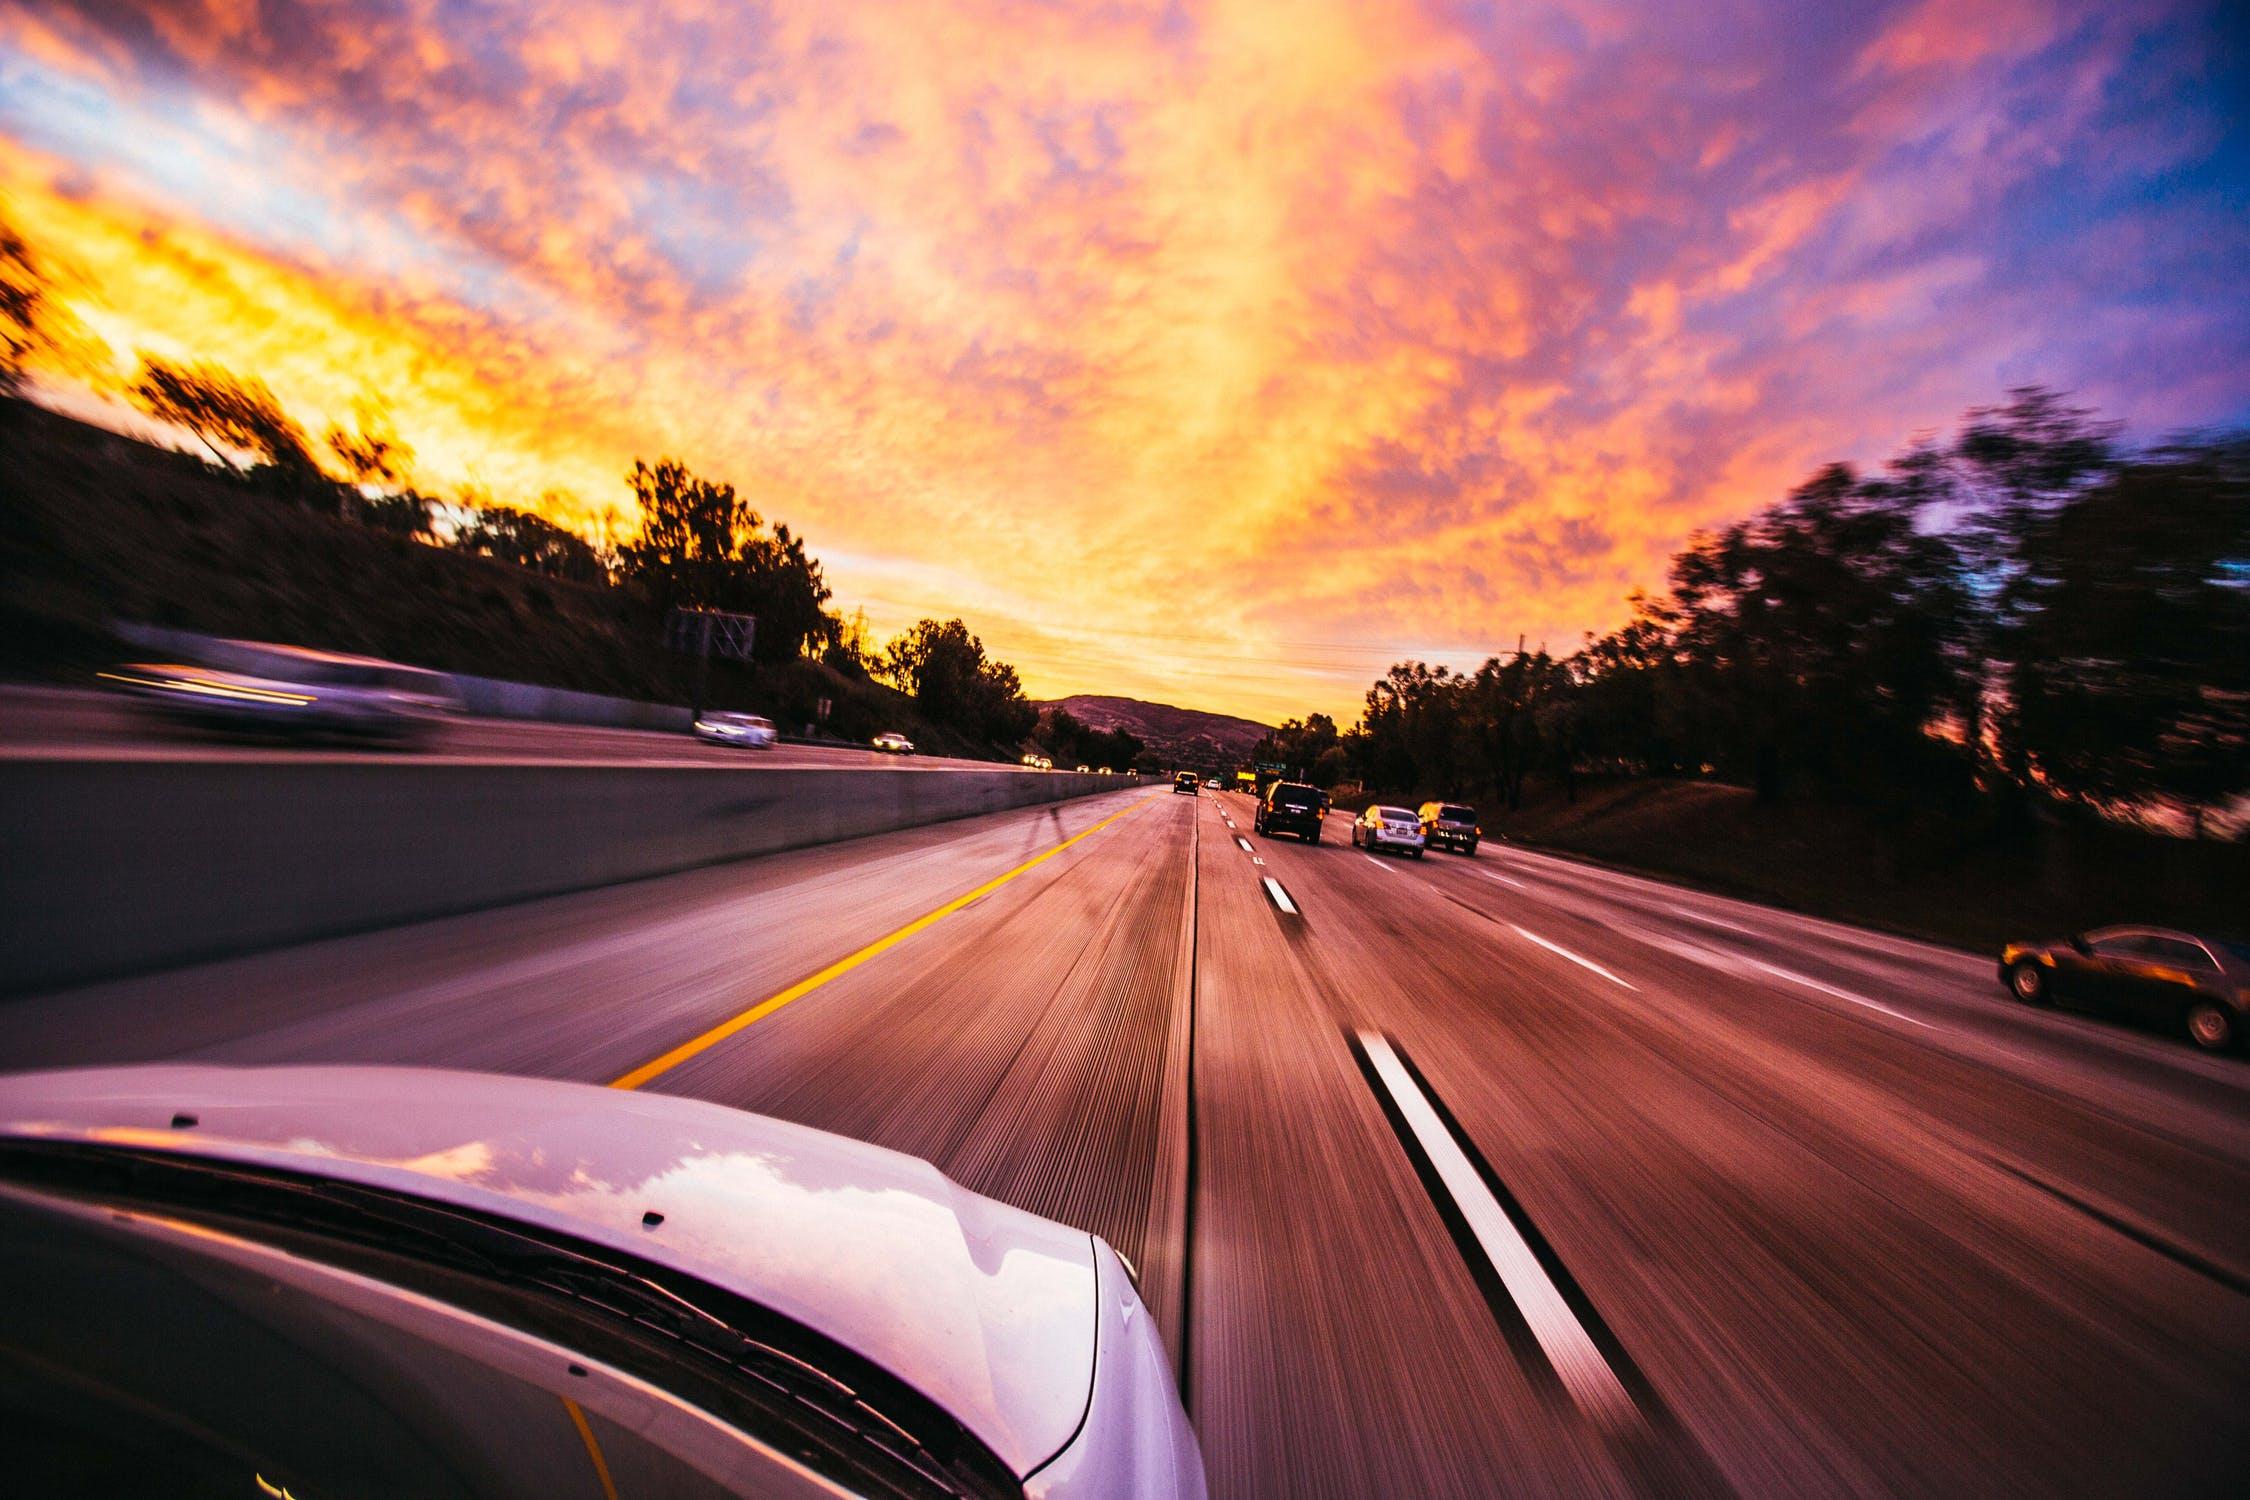 Kørsel på vej